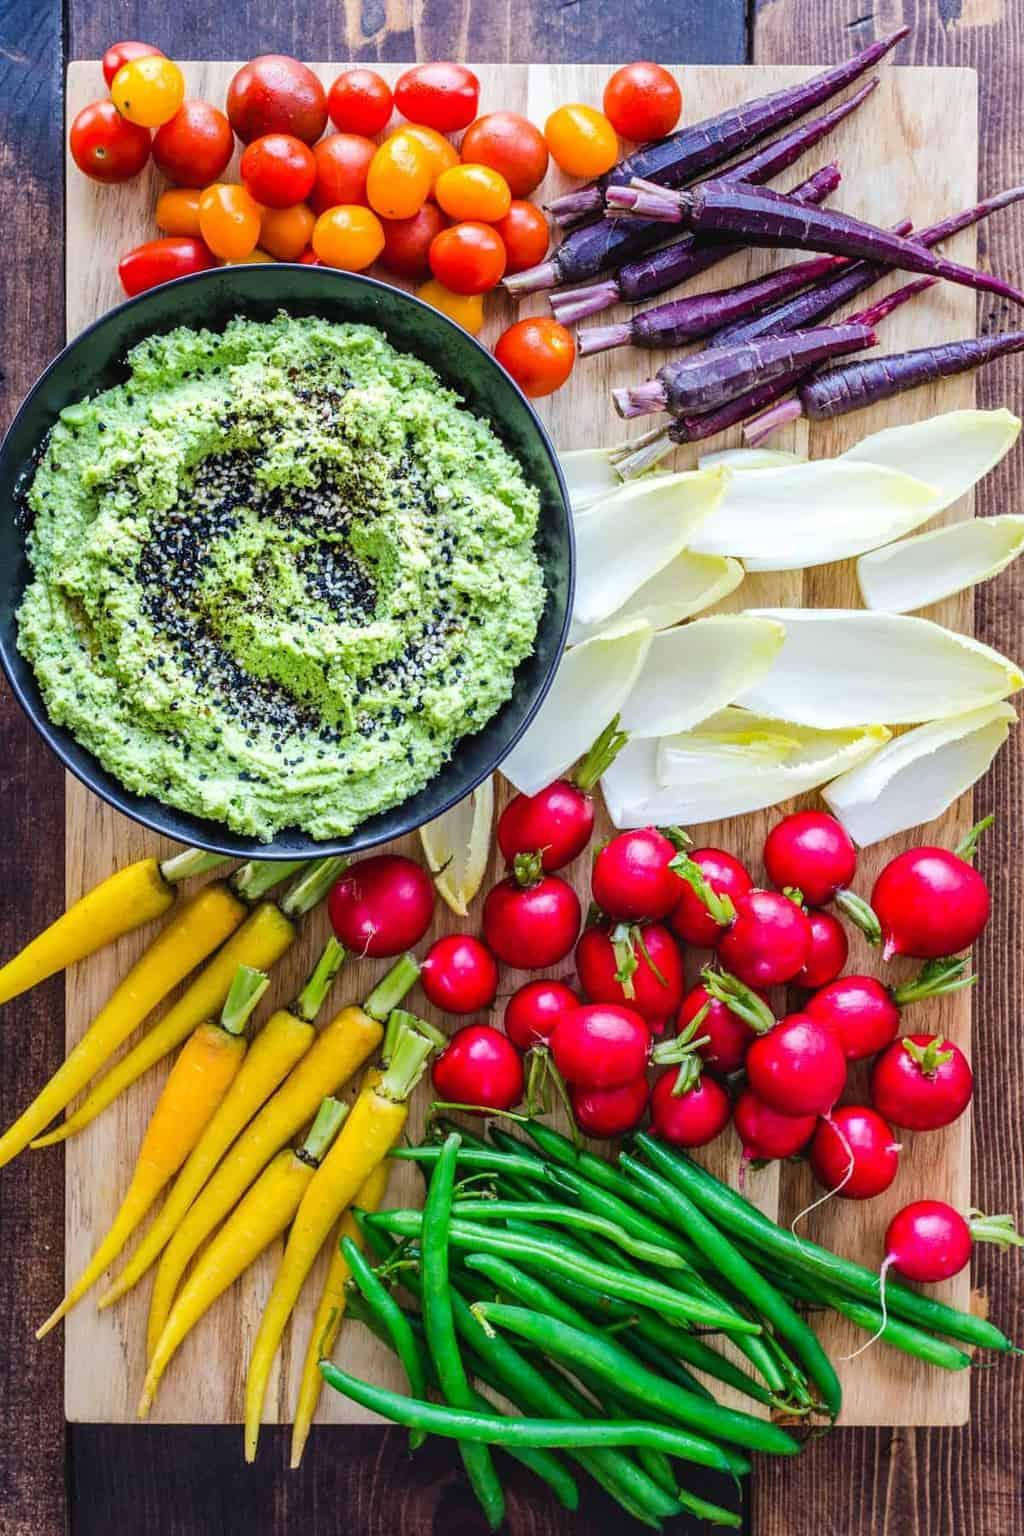 Edamame Hummus and Crudité Platter